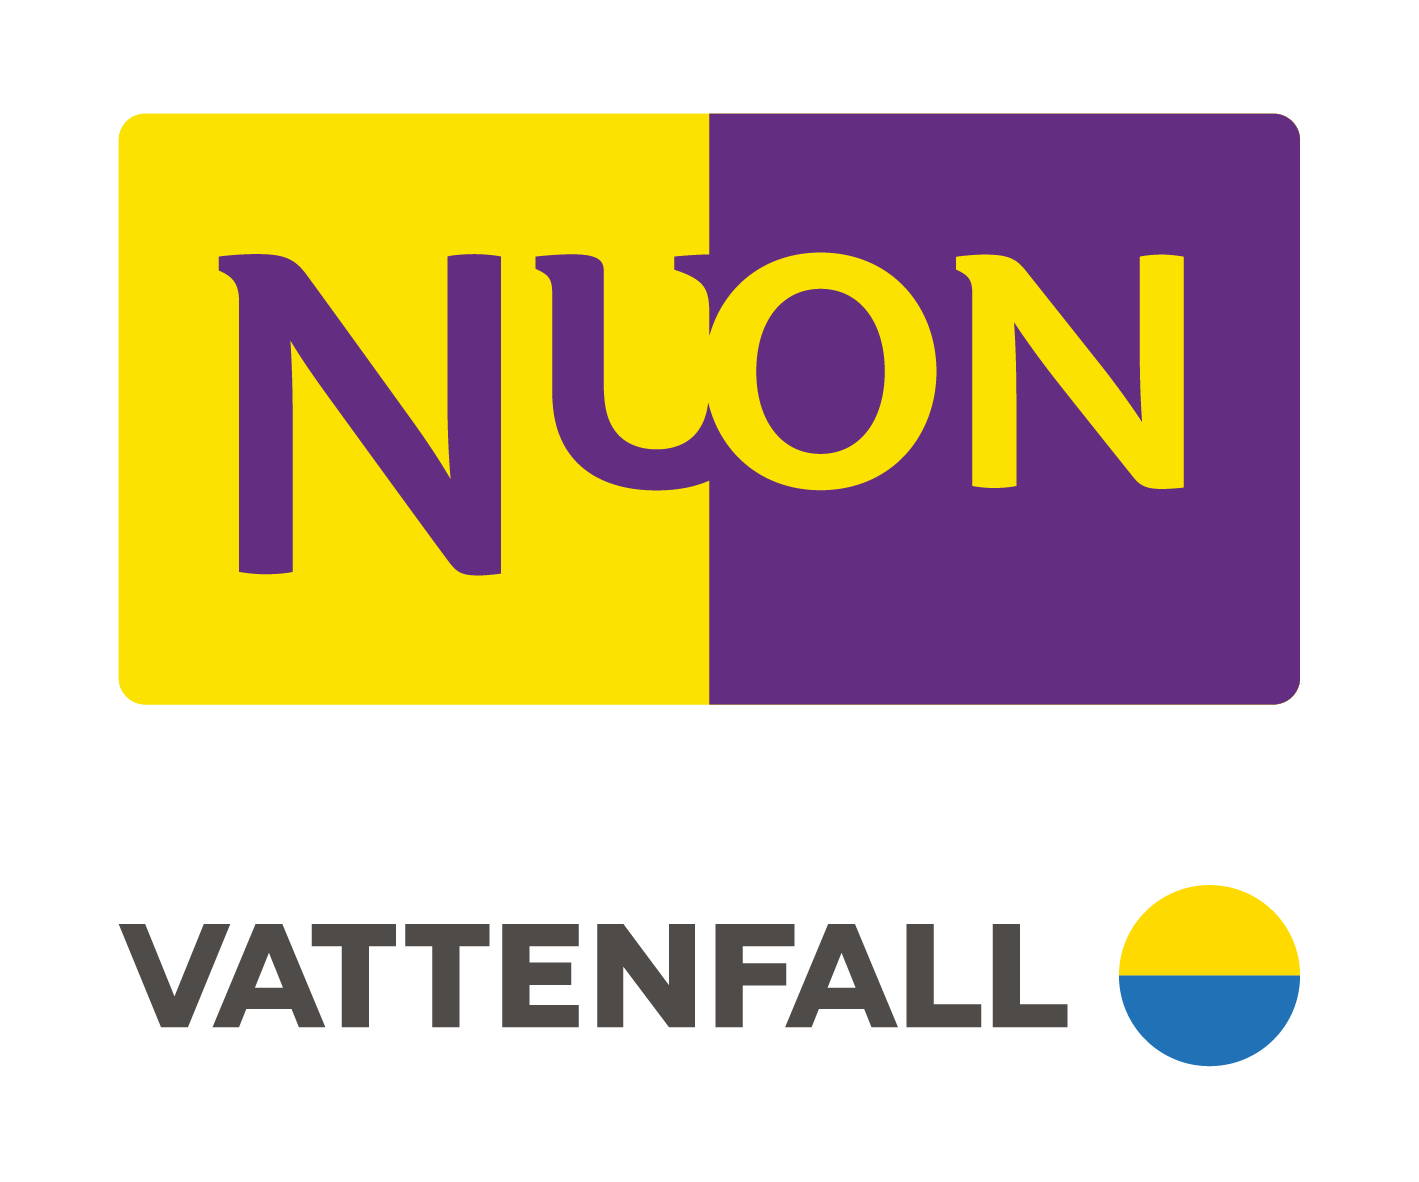 NUON Vattenfall